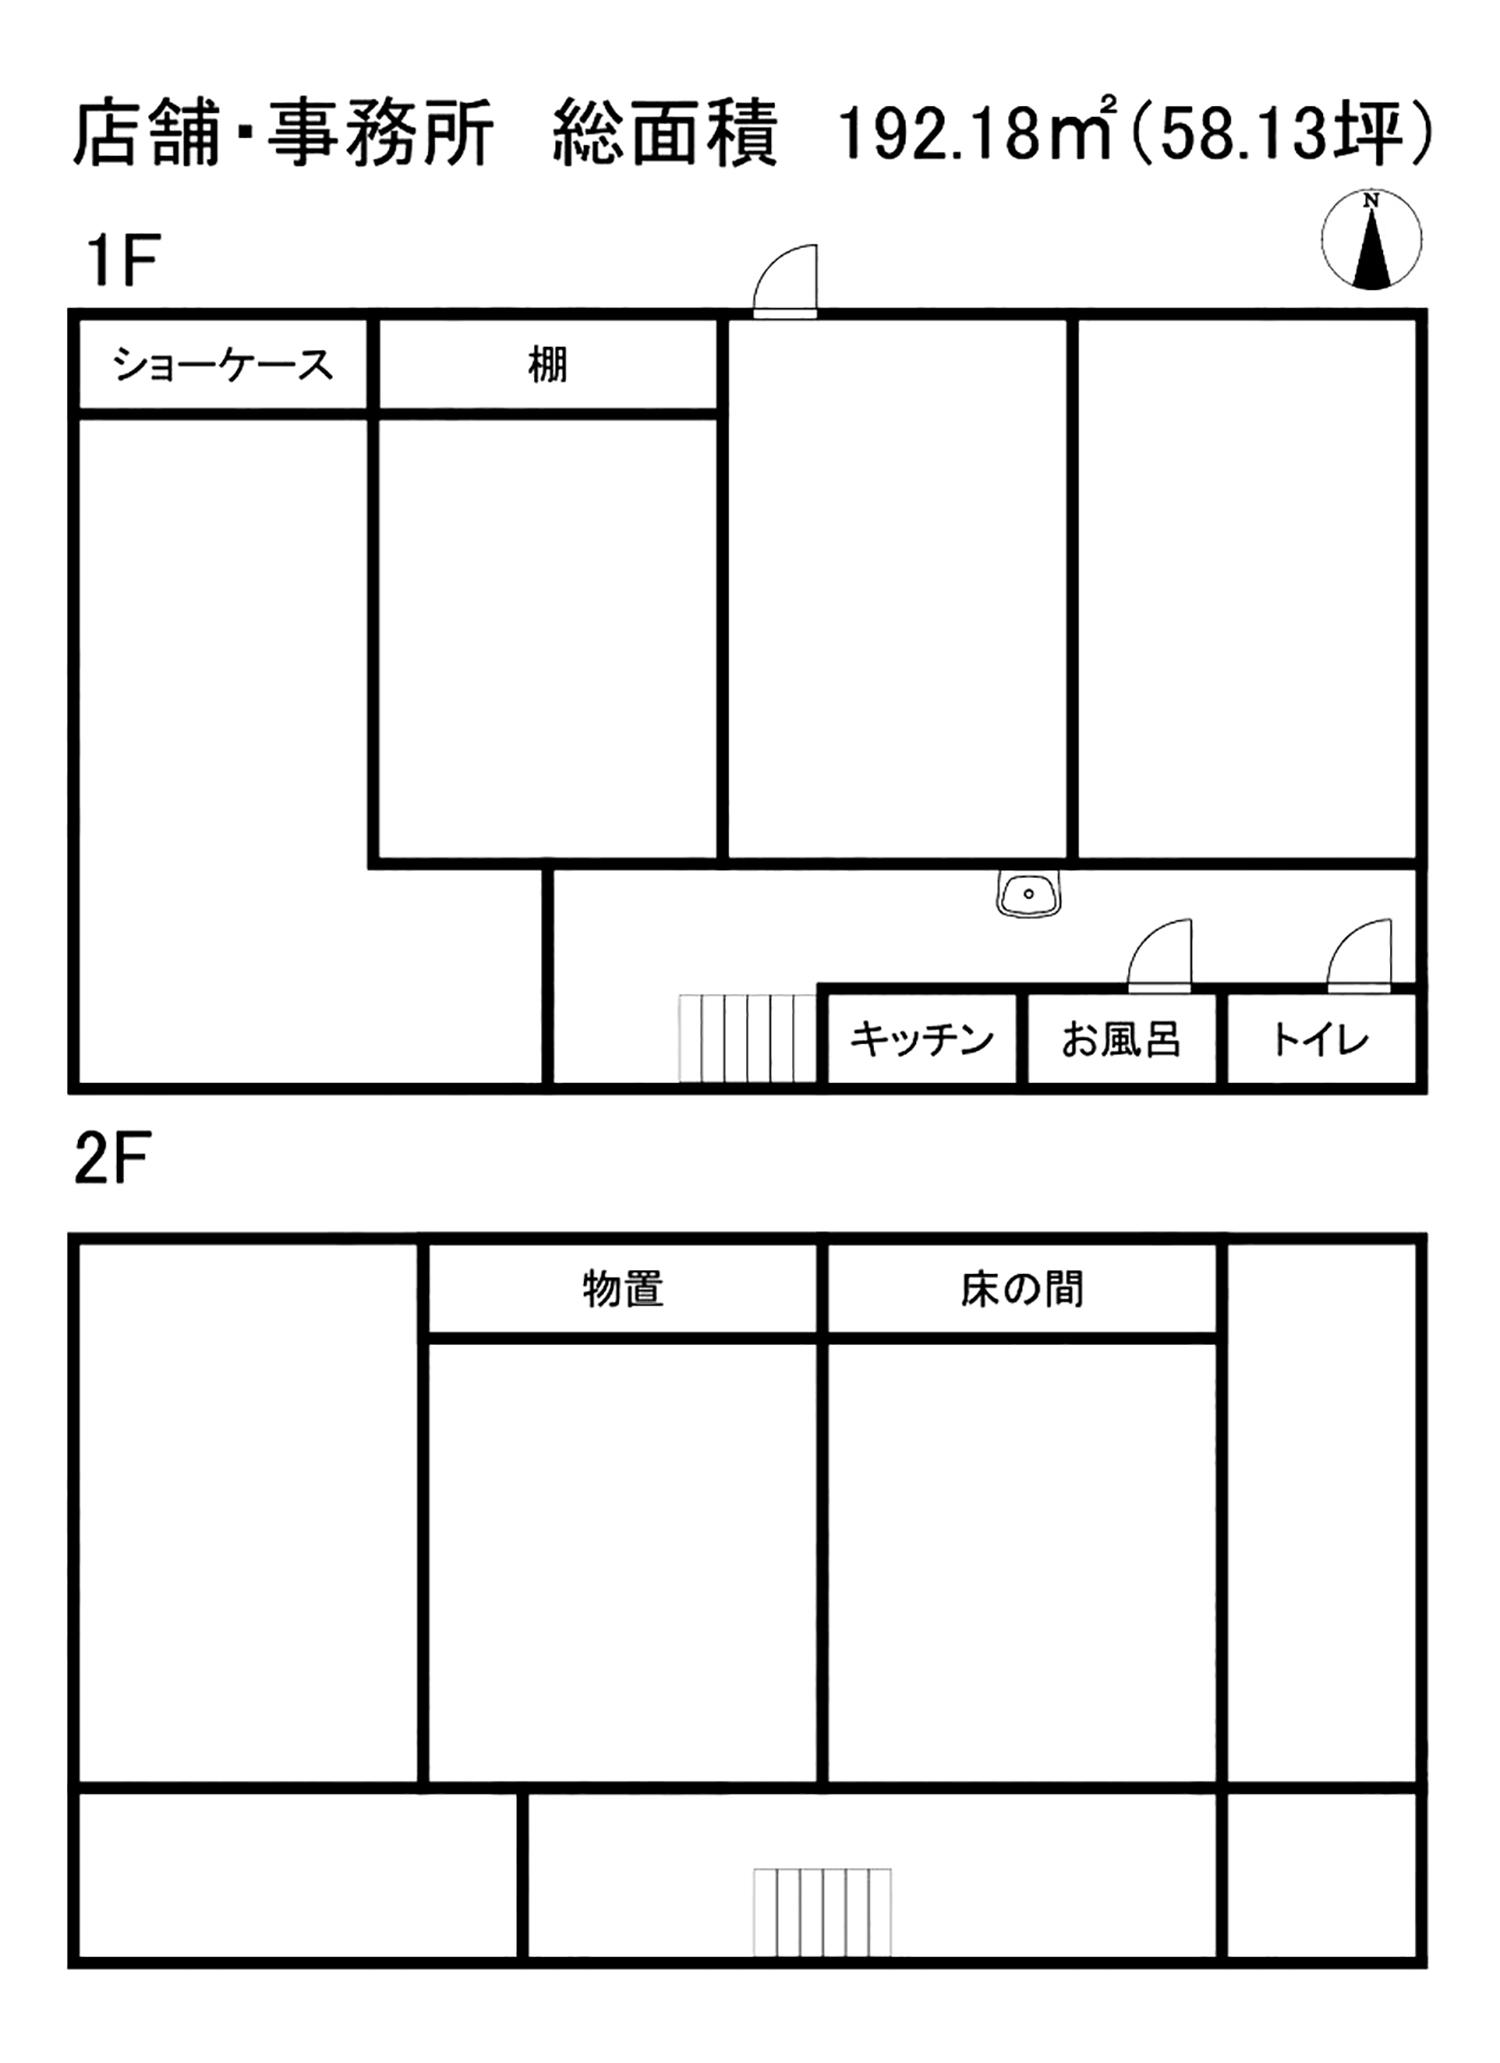 神戸町の元呉服店 図面